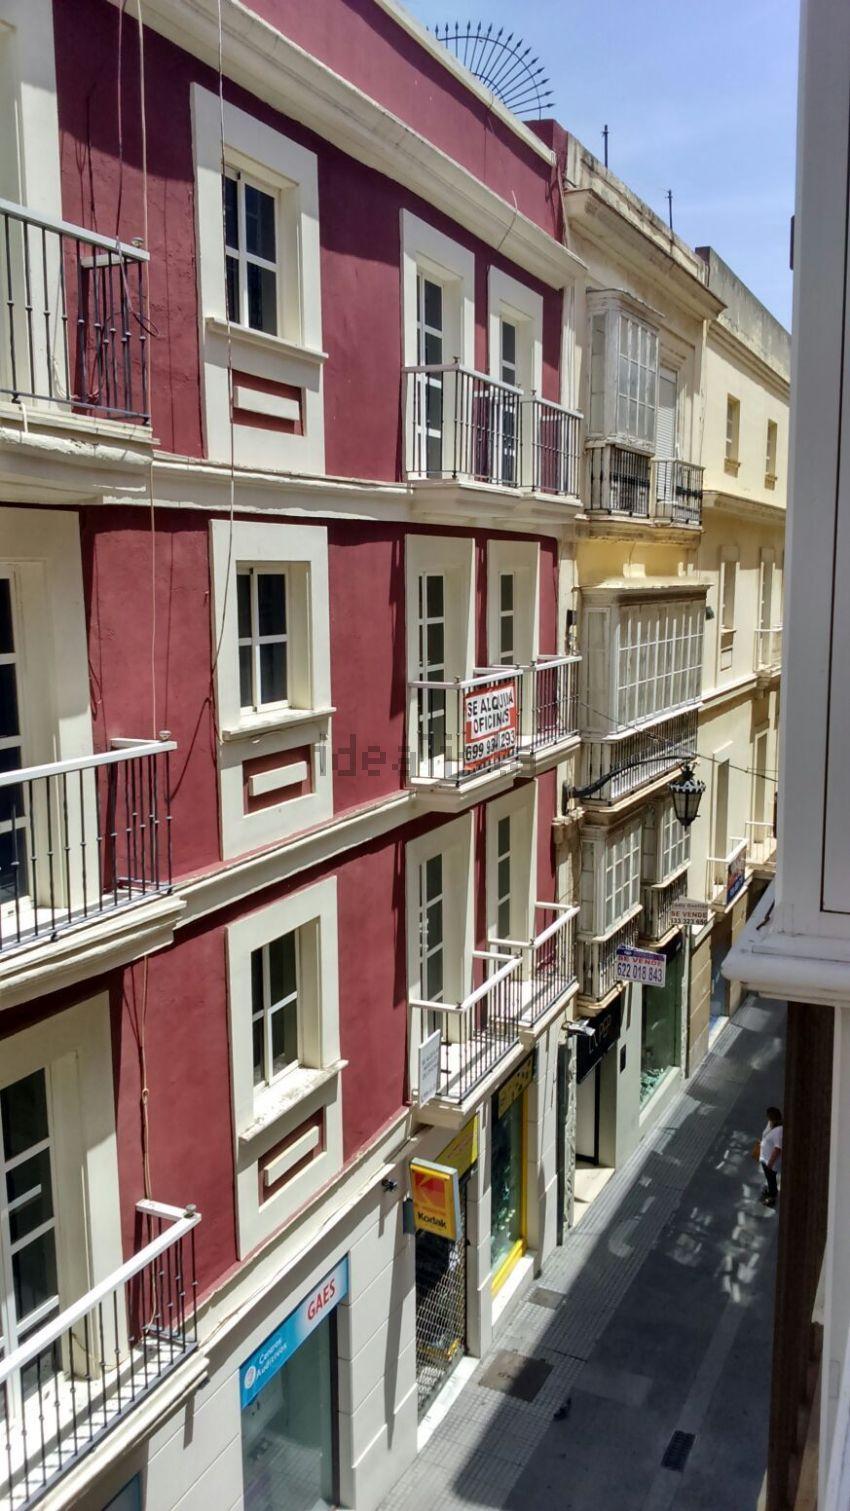 Estudio en calle ancha, 37, Centro Histórico - Plaza España, Cádiz